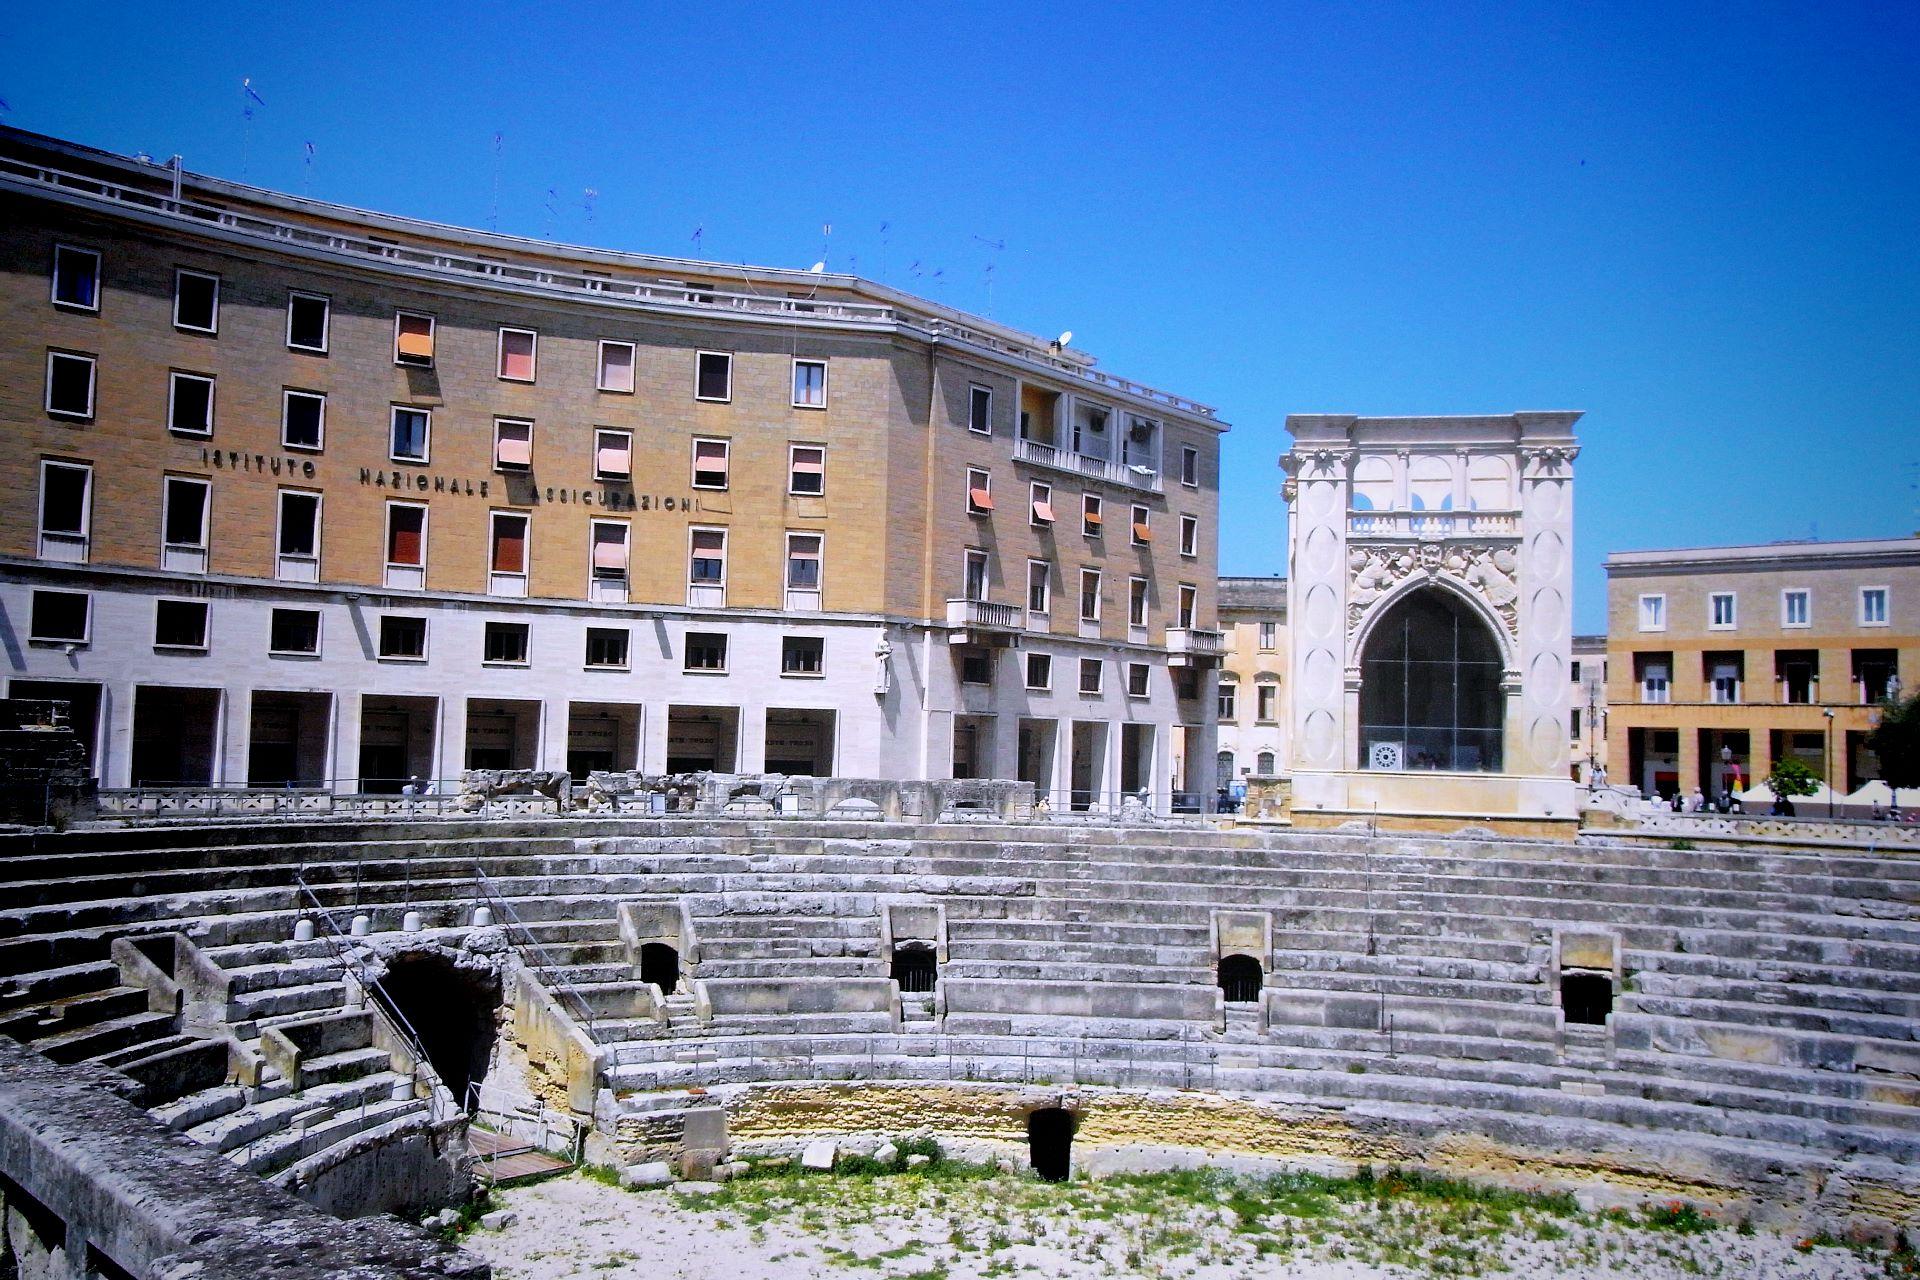 apulia-slow-travel-lecce-anfiteatro-romano-sedile-palazzo-centro-barocco-barock-baroque-salento-apulien